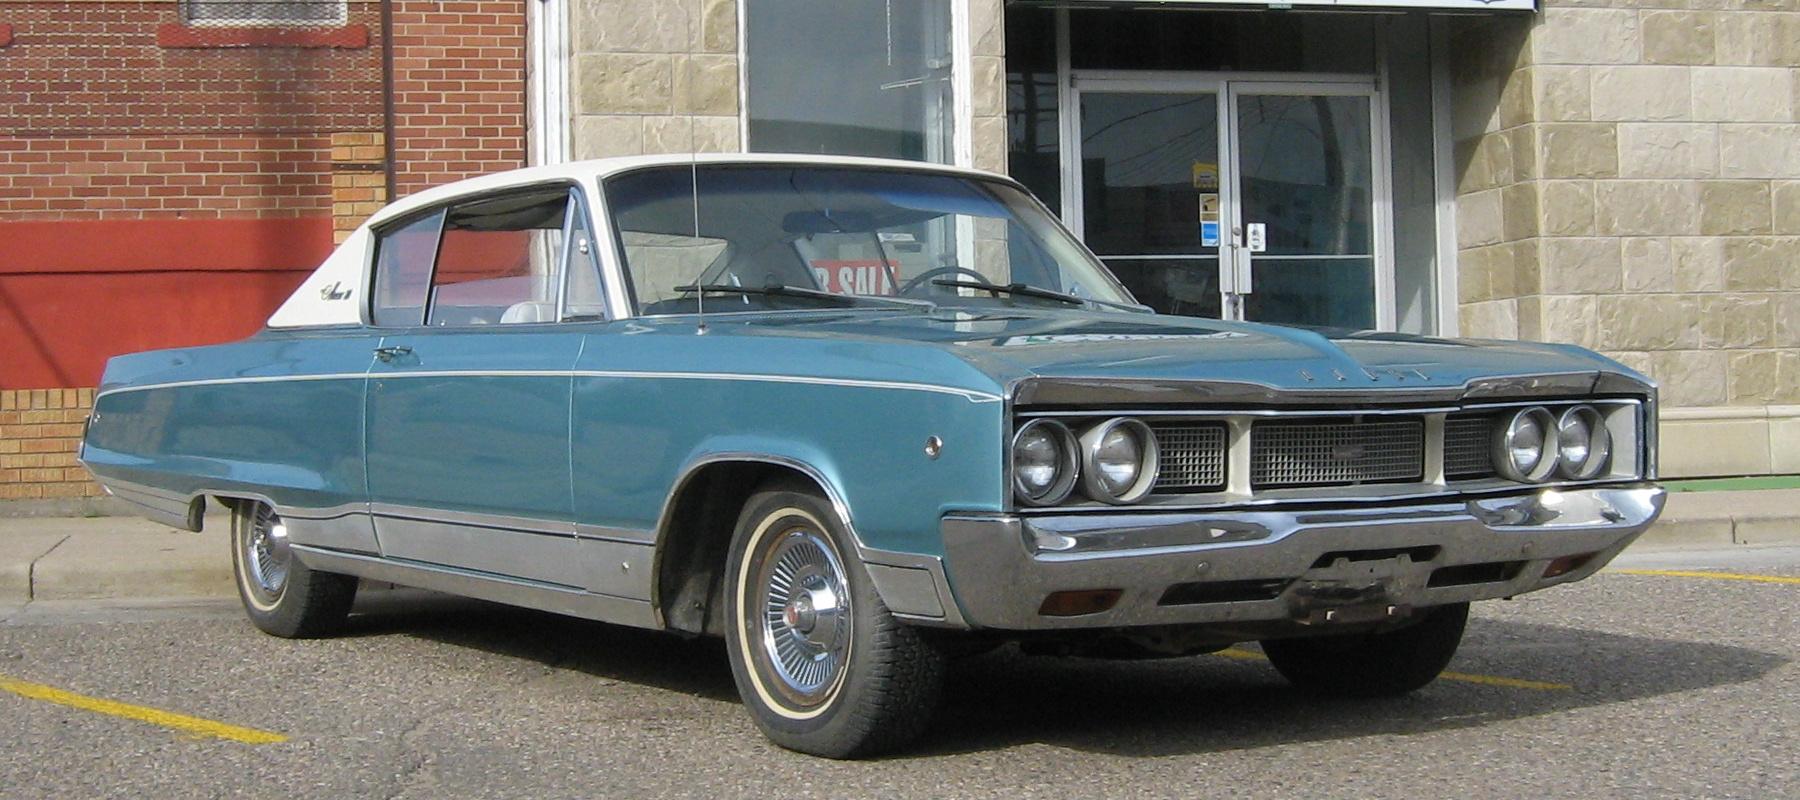 Dodge Monaco - Wikiwand